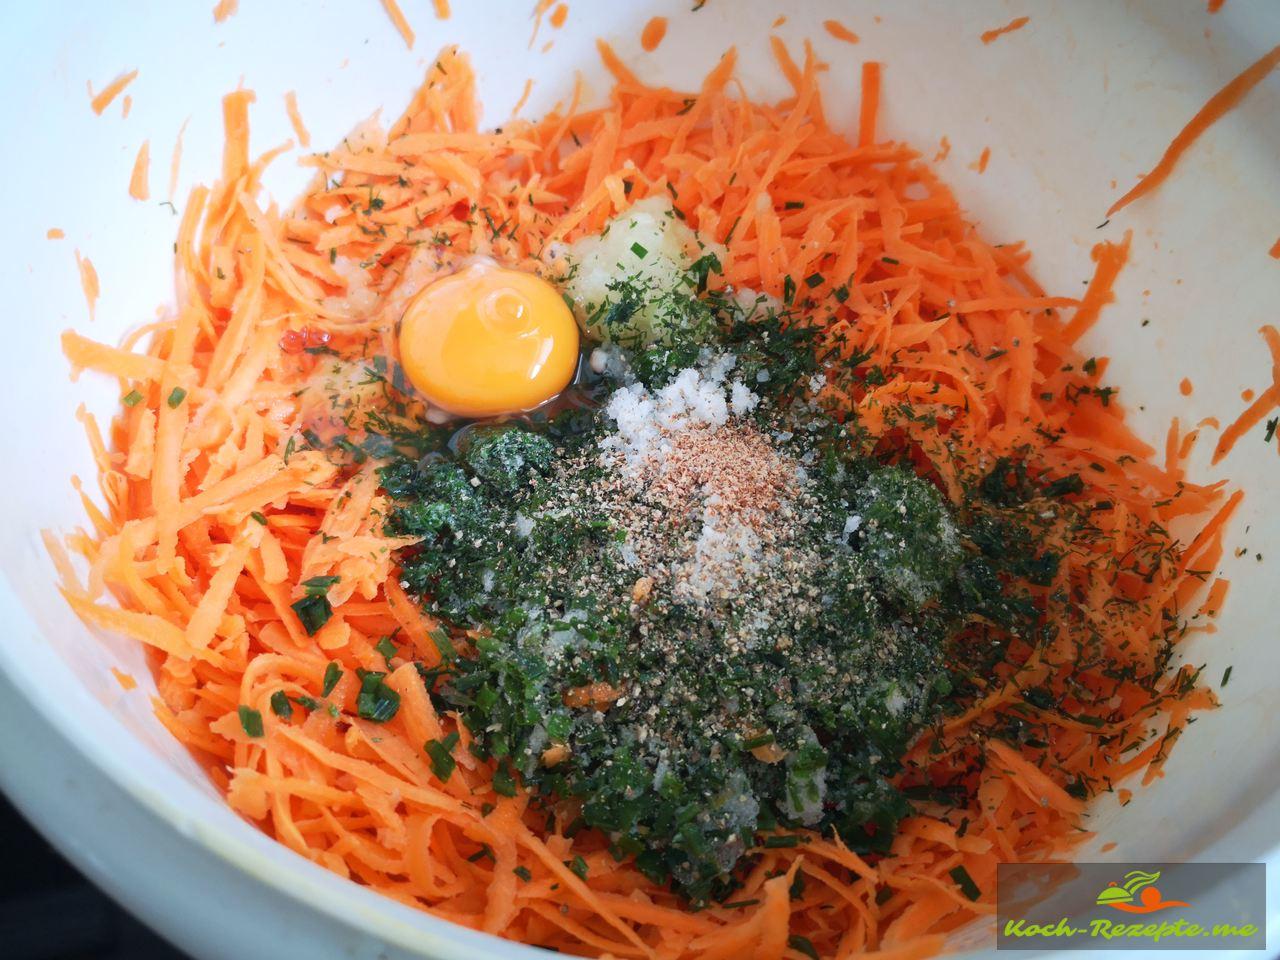 Süßkartoffeln und Möhren gut mit Kräuter,Ei Zwiebel vermischen und würzen